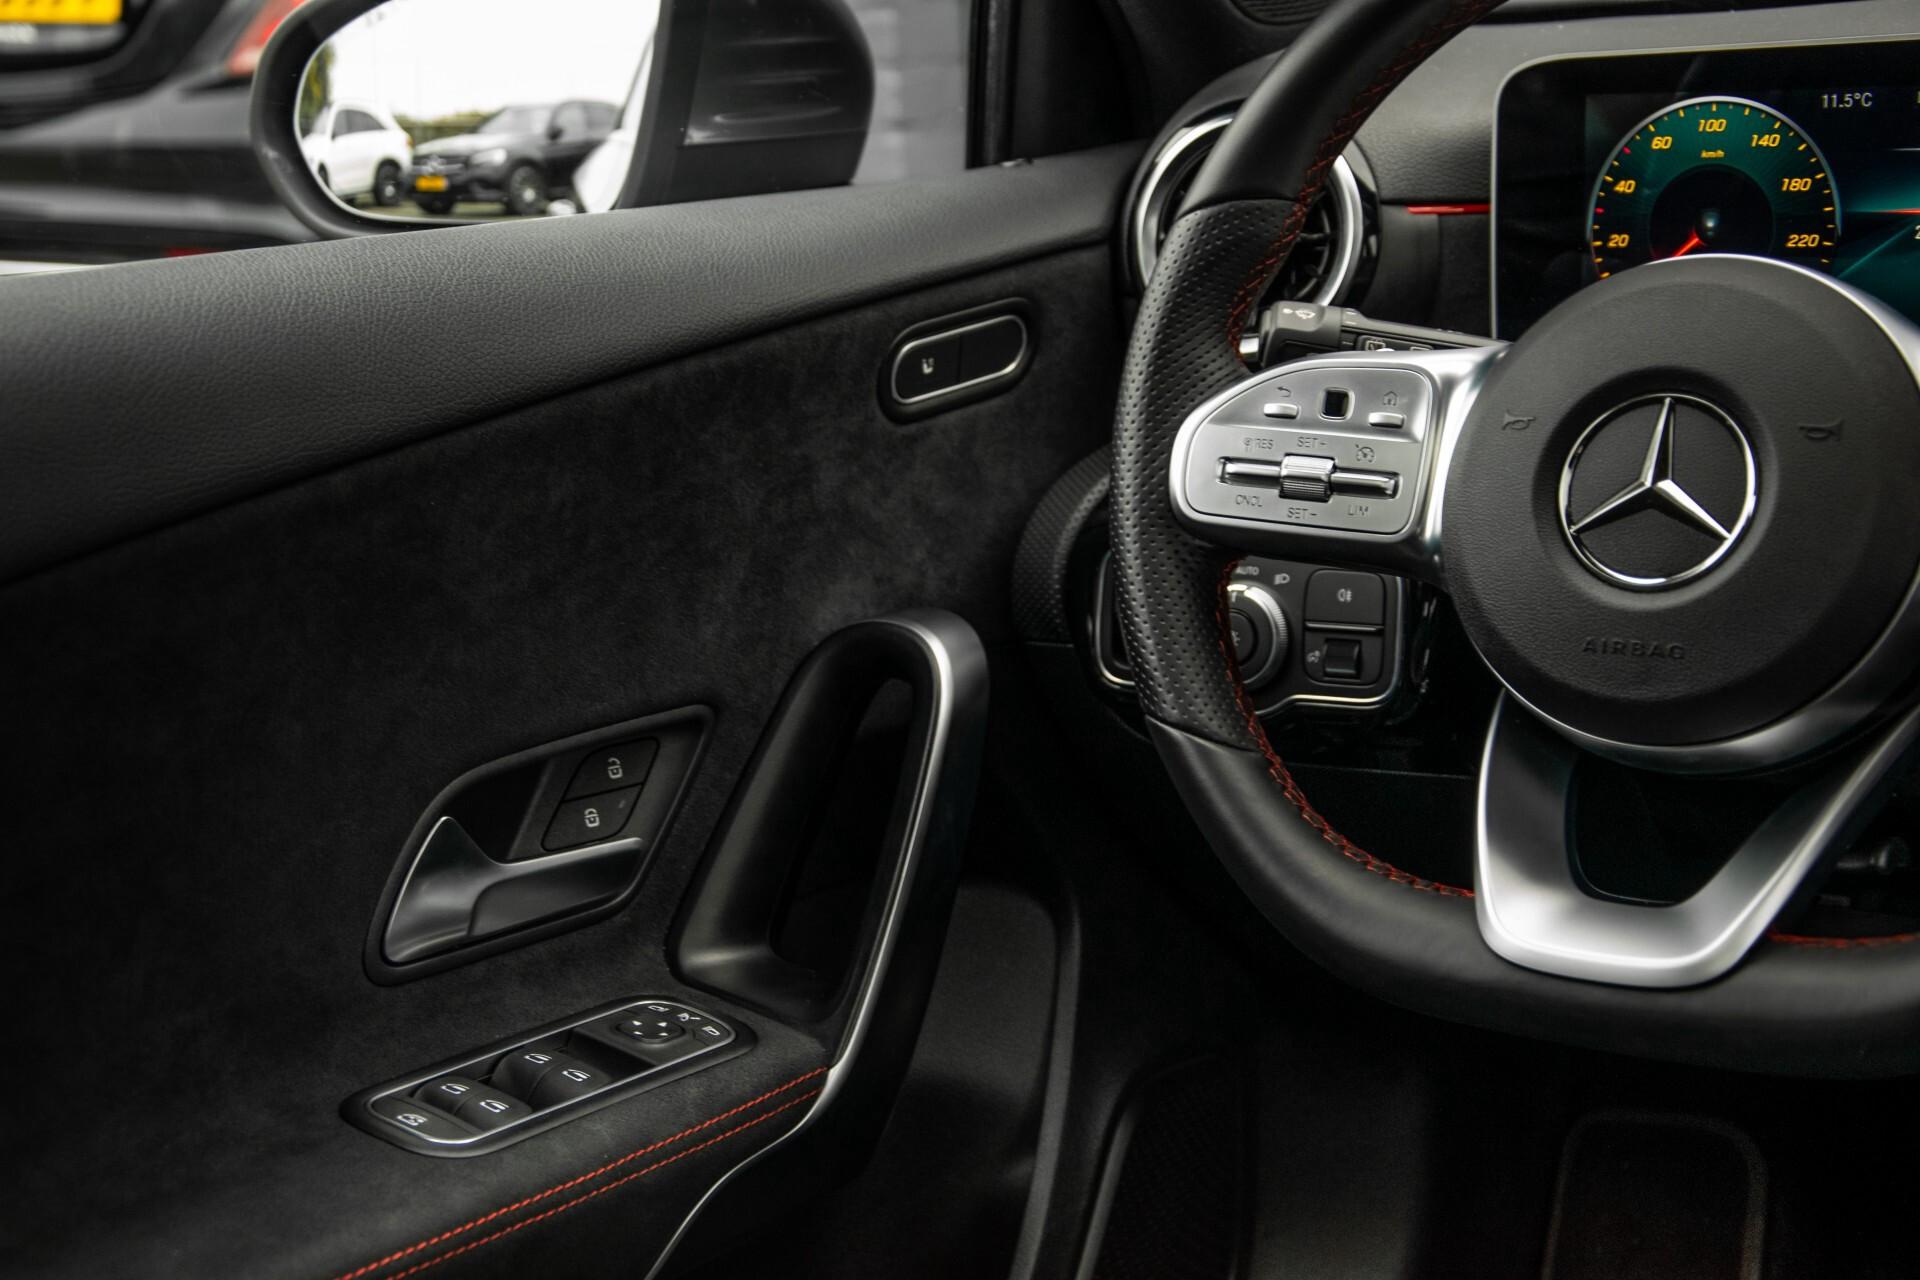 Mercedes-Benz A-Klasse 180 d AMG Panorama/MBUX/DAB/LED Aut7 Foto 39